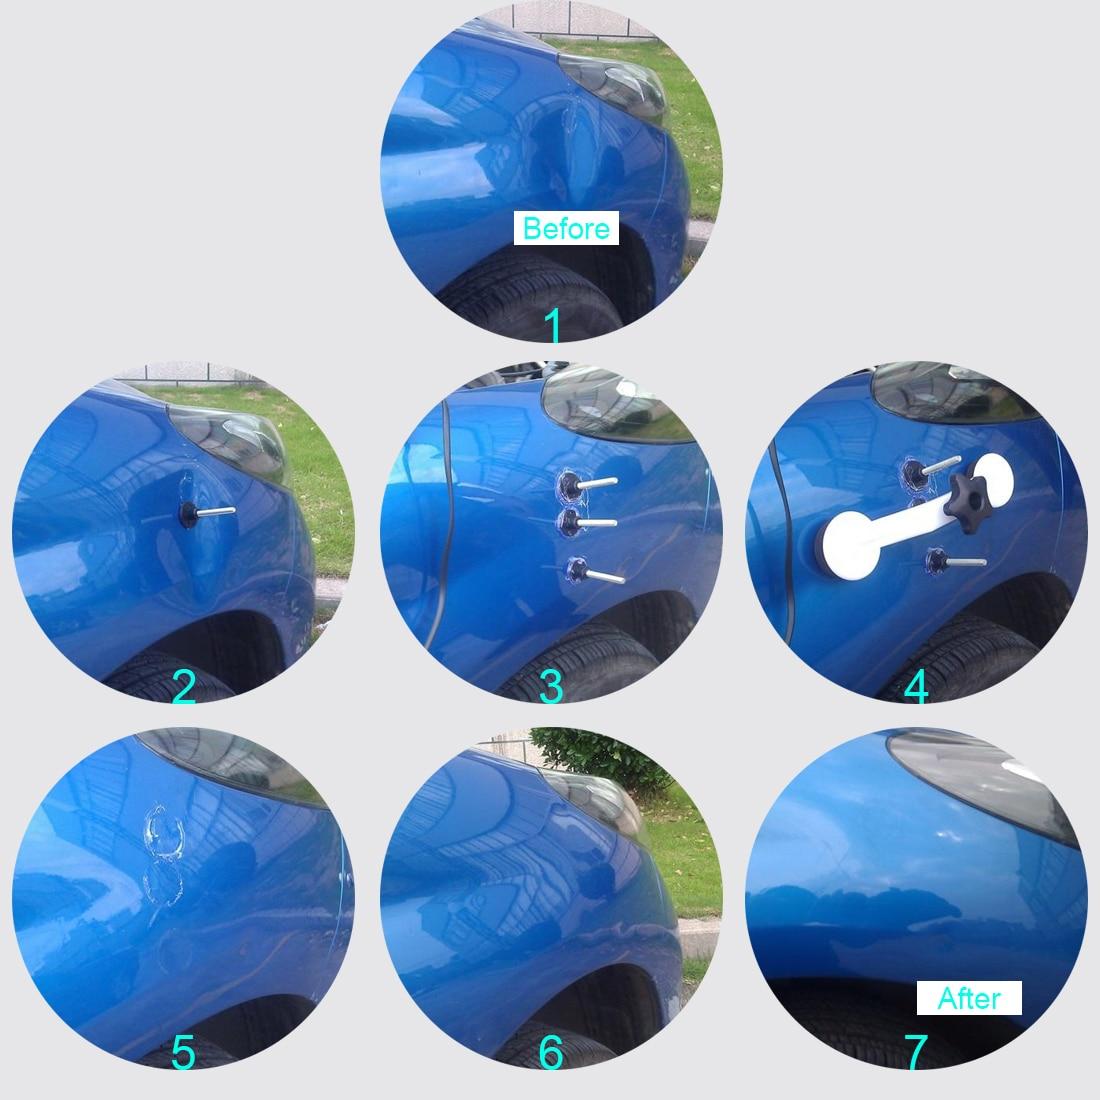 BU-Bauty 9 pz UE FAI DA TE Auto Dent Repair Tool di Rimozione di Riparazione Kit Portello di Automobile Del Corpo Auto 40 w hot Melt Pistola di Colla Tirando Ponte Dispositivo